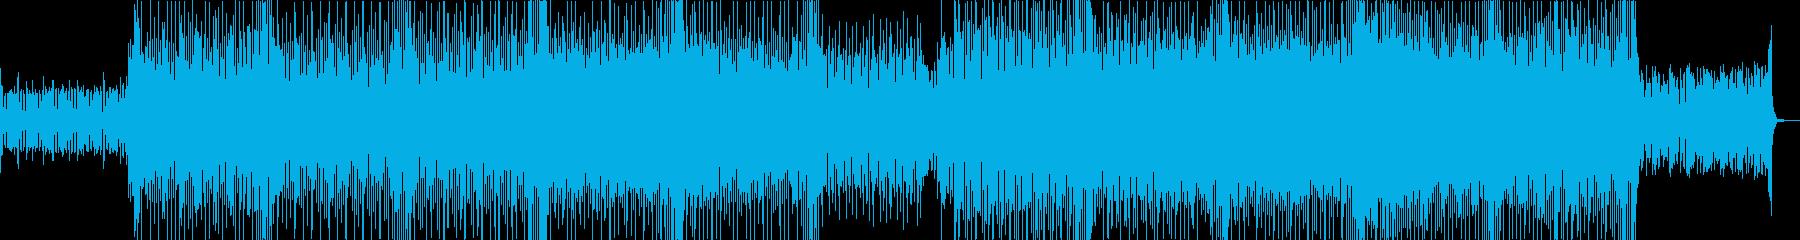 ファンタジーなシンセポップハウス系の再生済みの波形